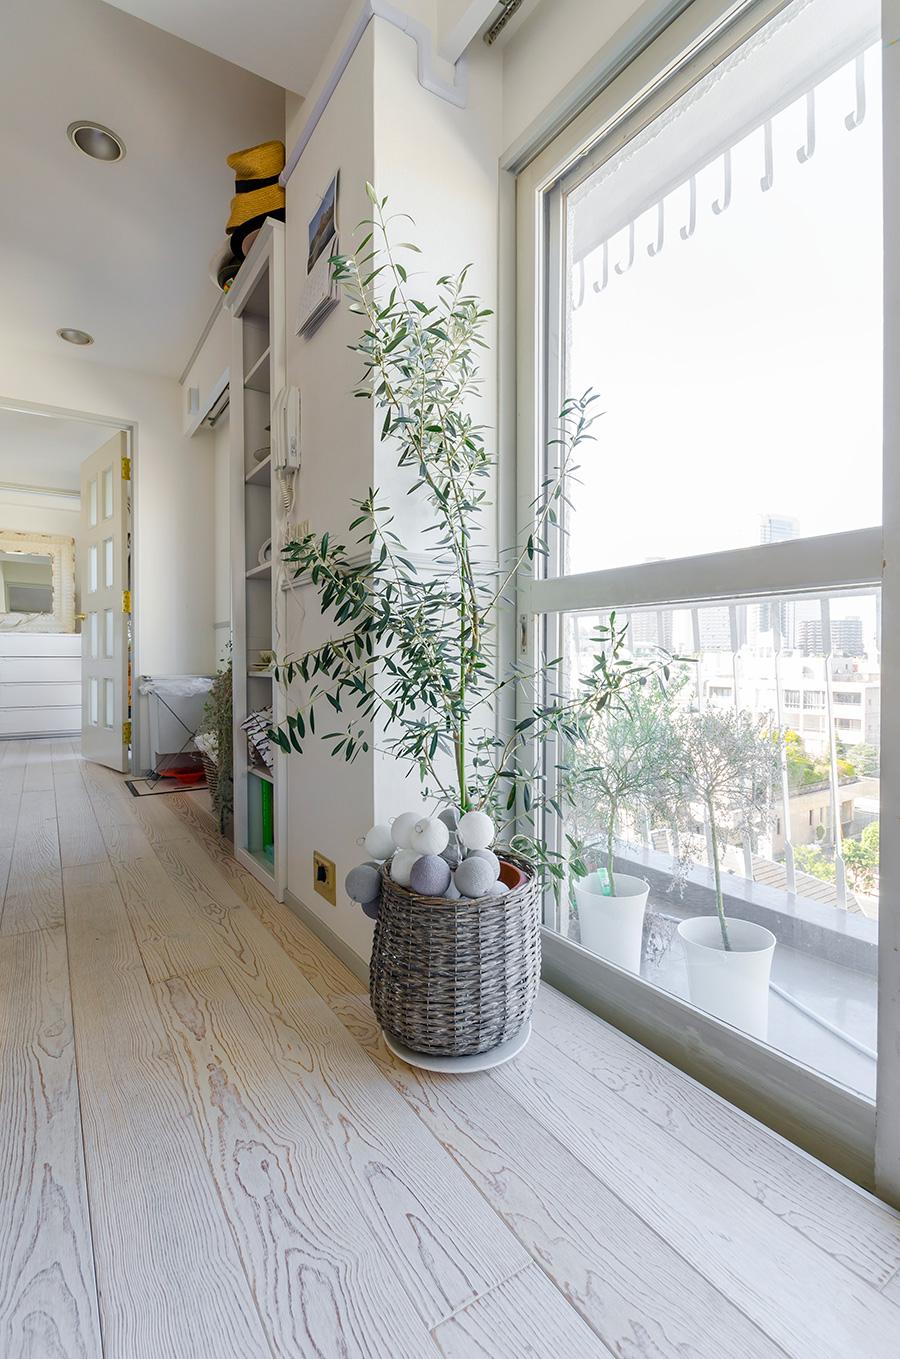 ベランダでも観葉植物を育てている。オリーブのナチュラル感が、ヴィンテージ加工の無垢の床に合う。